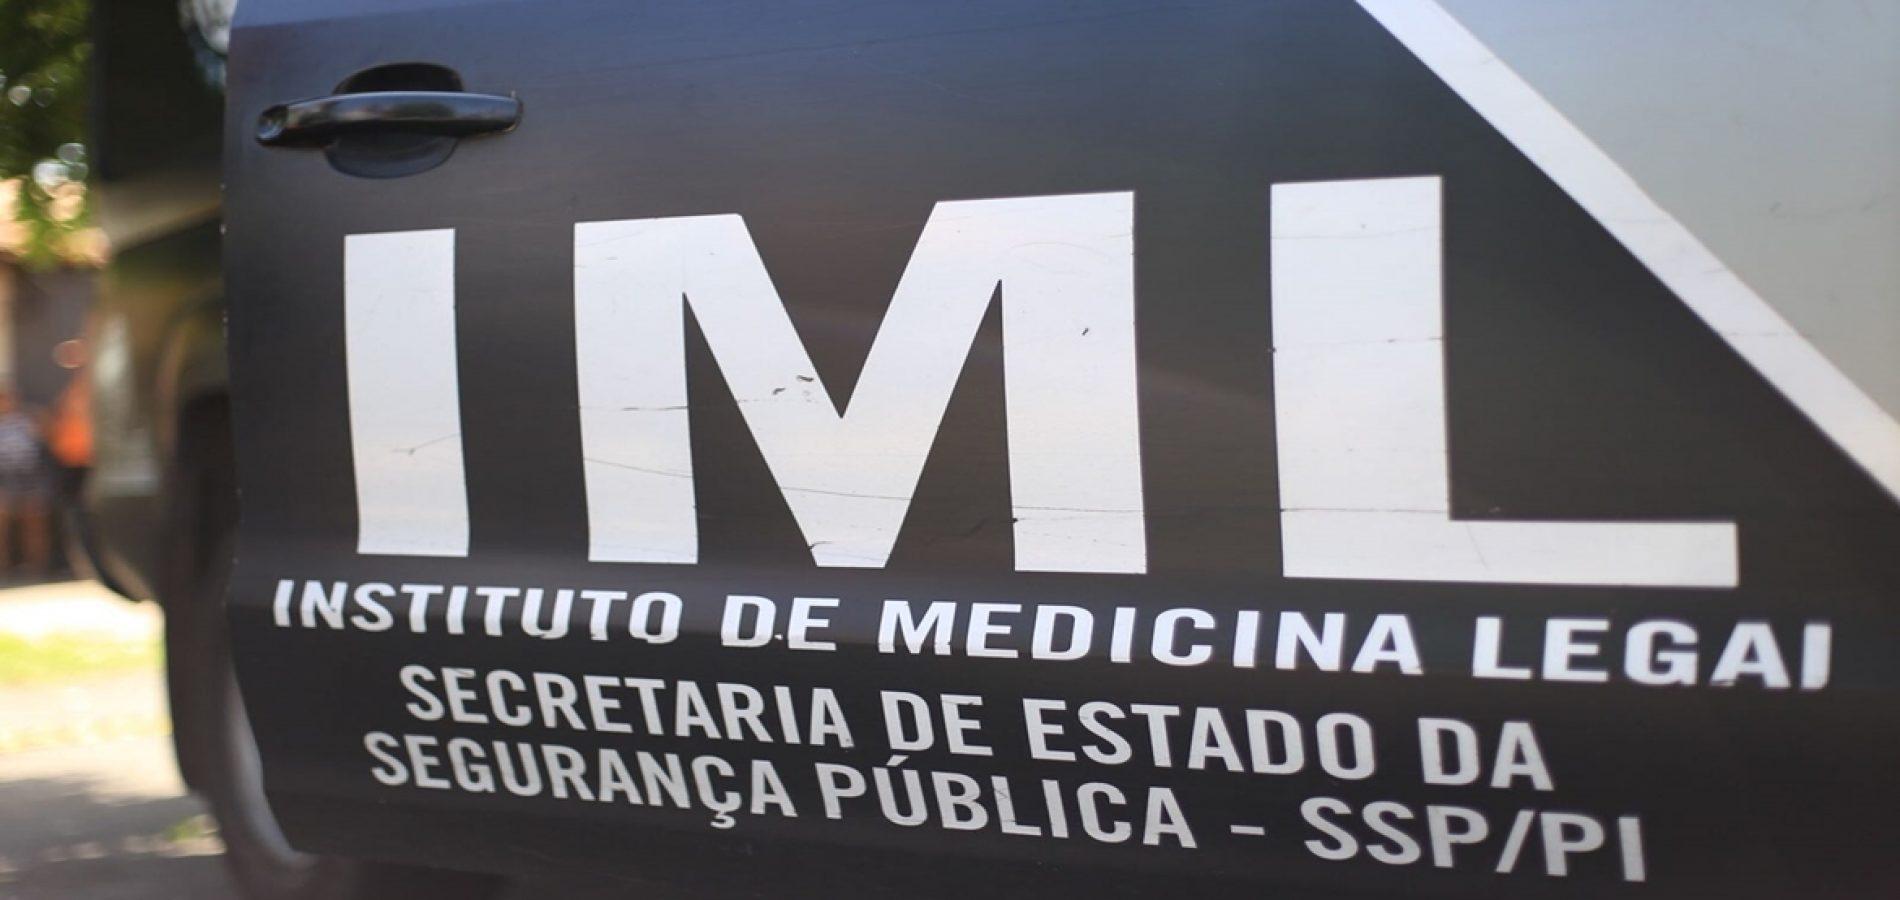 Jovem de 22 anos é encontrado morto em avenida de cidade do Piauí